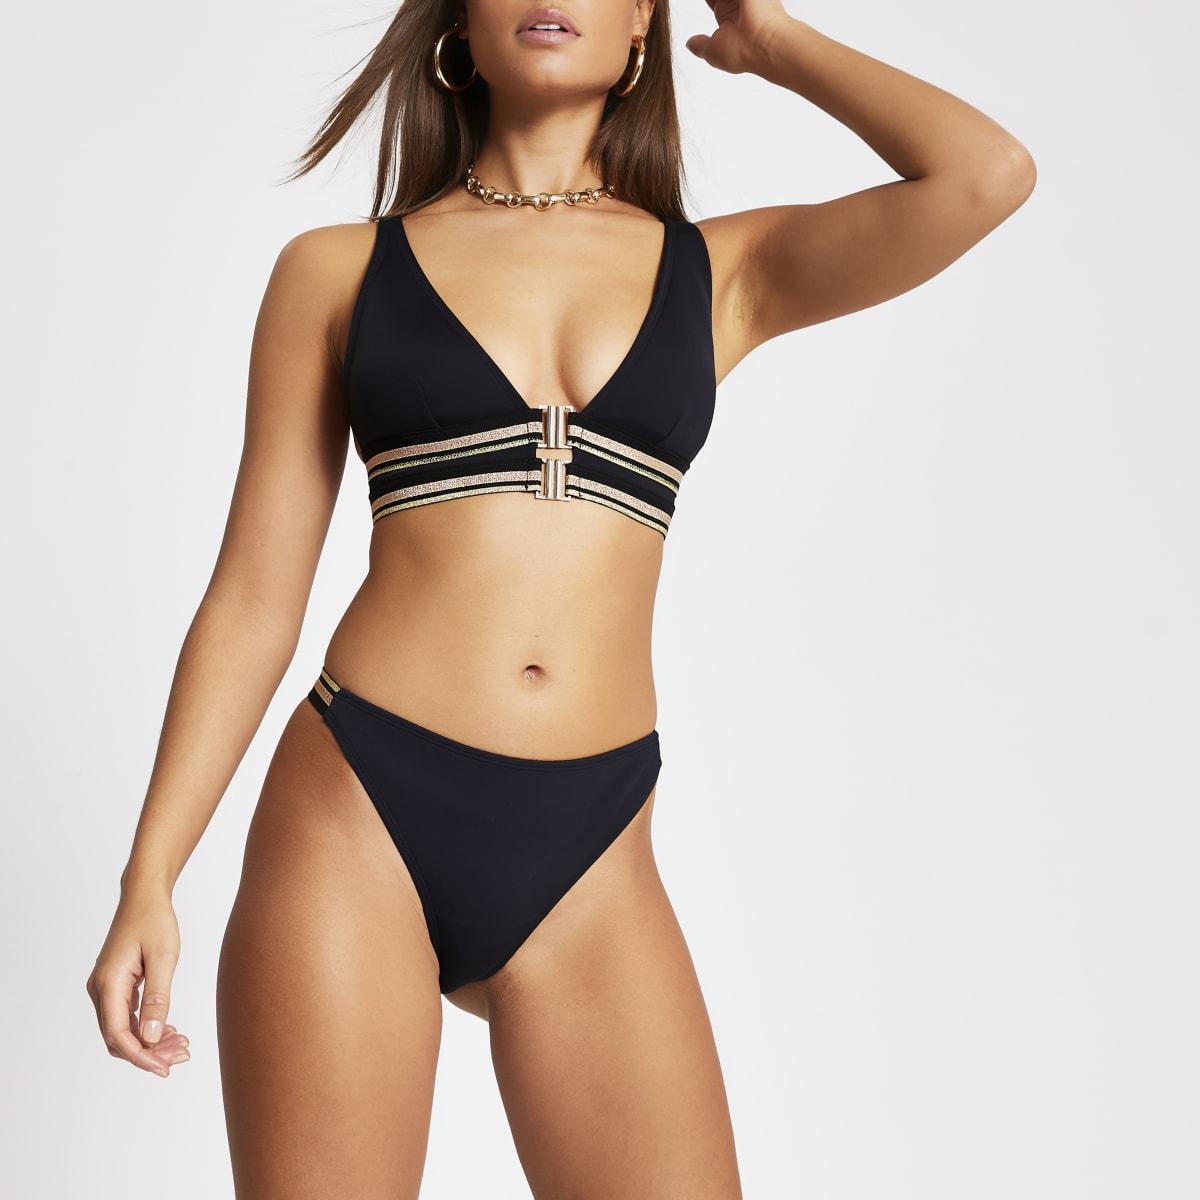 Schwarze Bikinihose mit Metallic-Tape und hohem Beinausschnitt